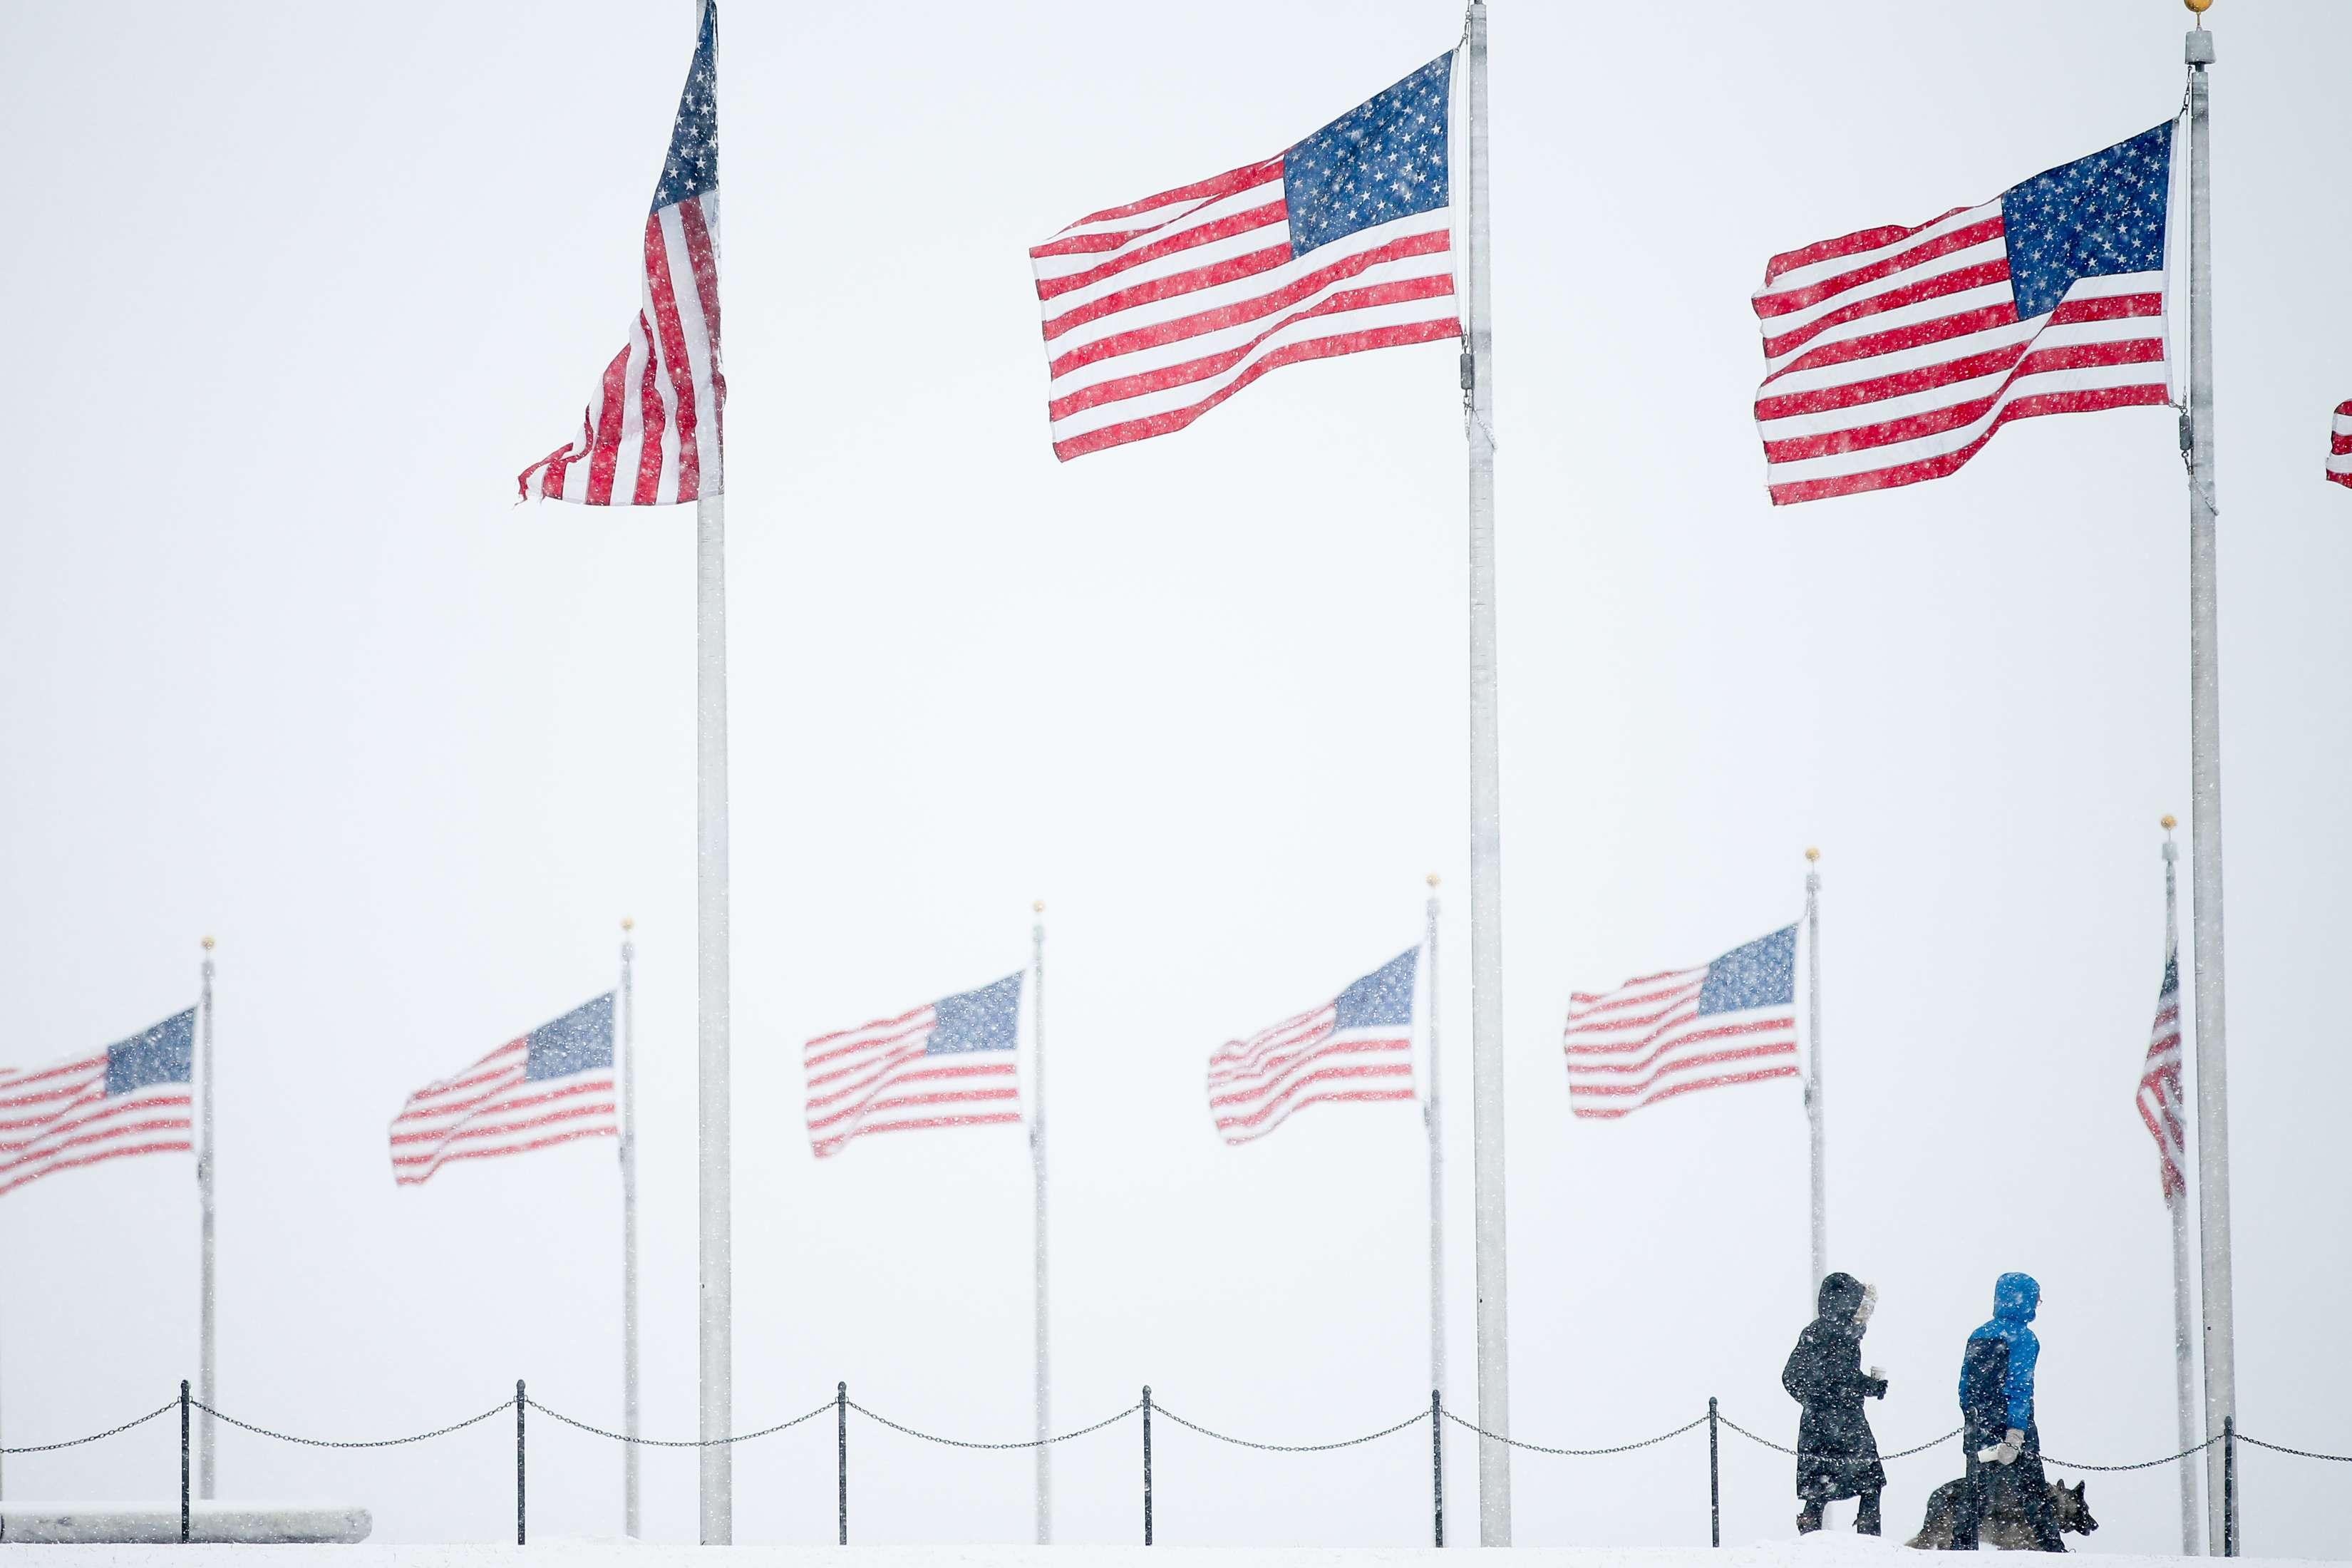 La caída de la nieve se aprecia en el monumento a Washington en el National Mall, este 5 de marzo del 2015. Foto: AP en español